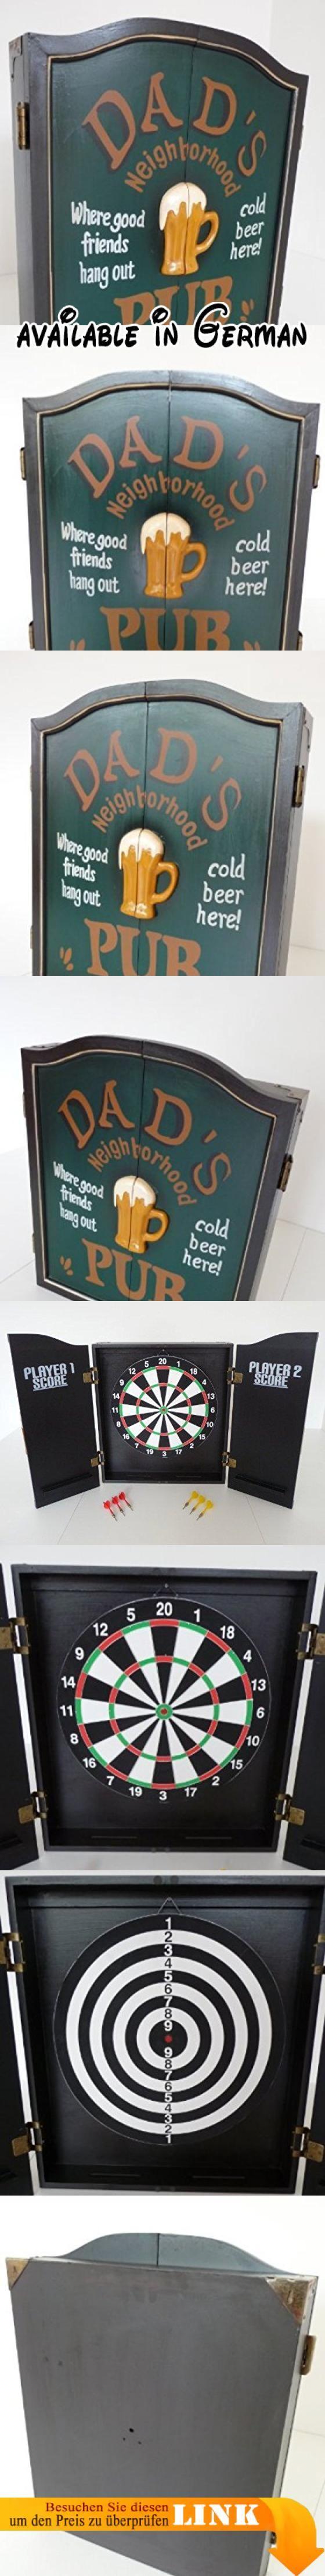 die besten 25 dartscheibe ideen auf pinterest dart board spiele gameroom ideen und garage. Black Bedroom Furniture Sets. Home Design Ideas